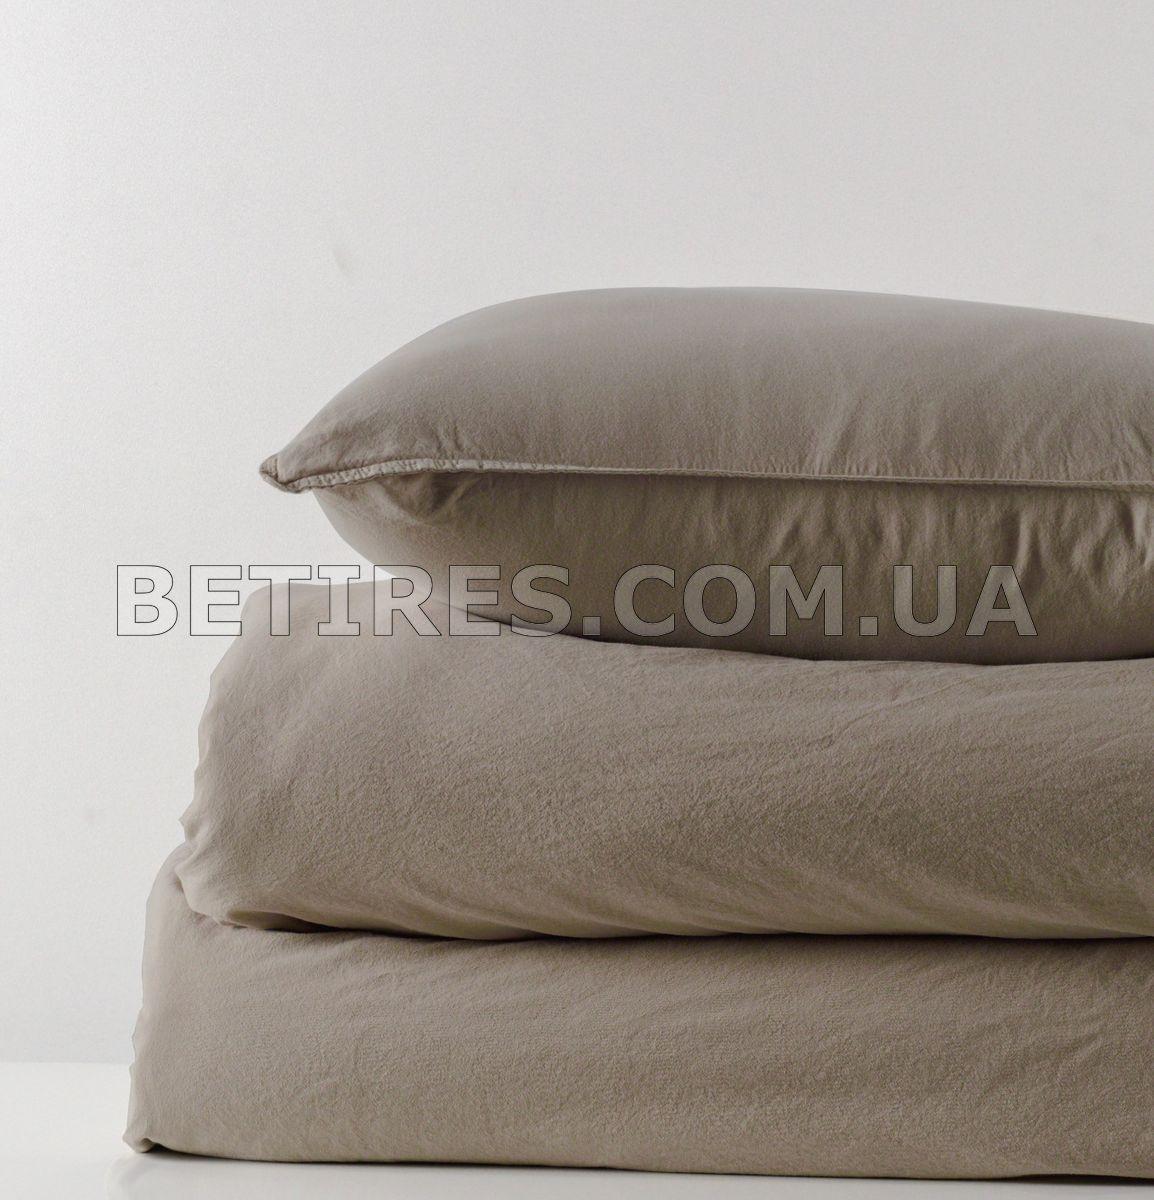 Комплект постільної білизни 200x220 LIMASSO OXFORD TAN STANDART бежевий